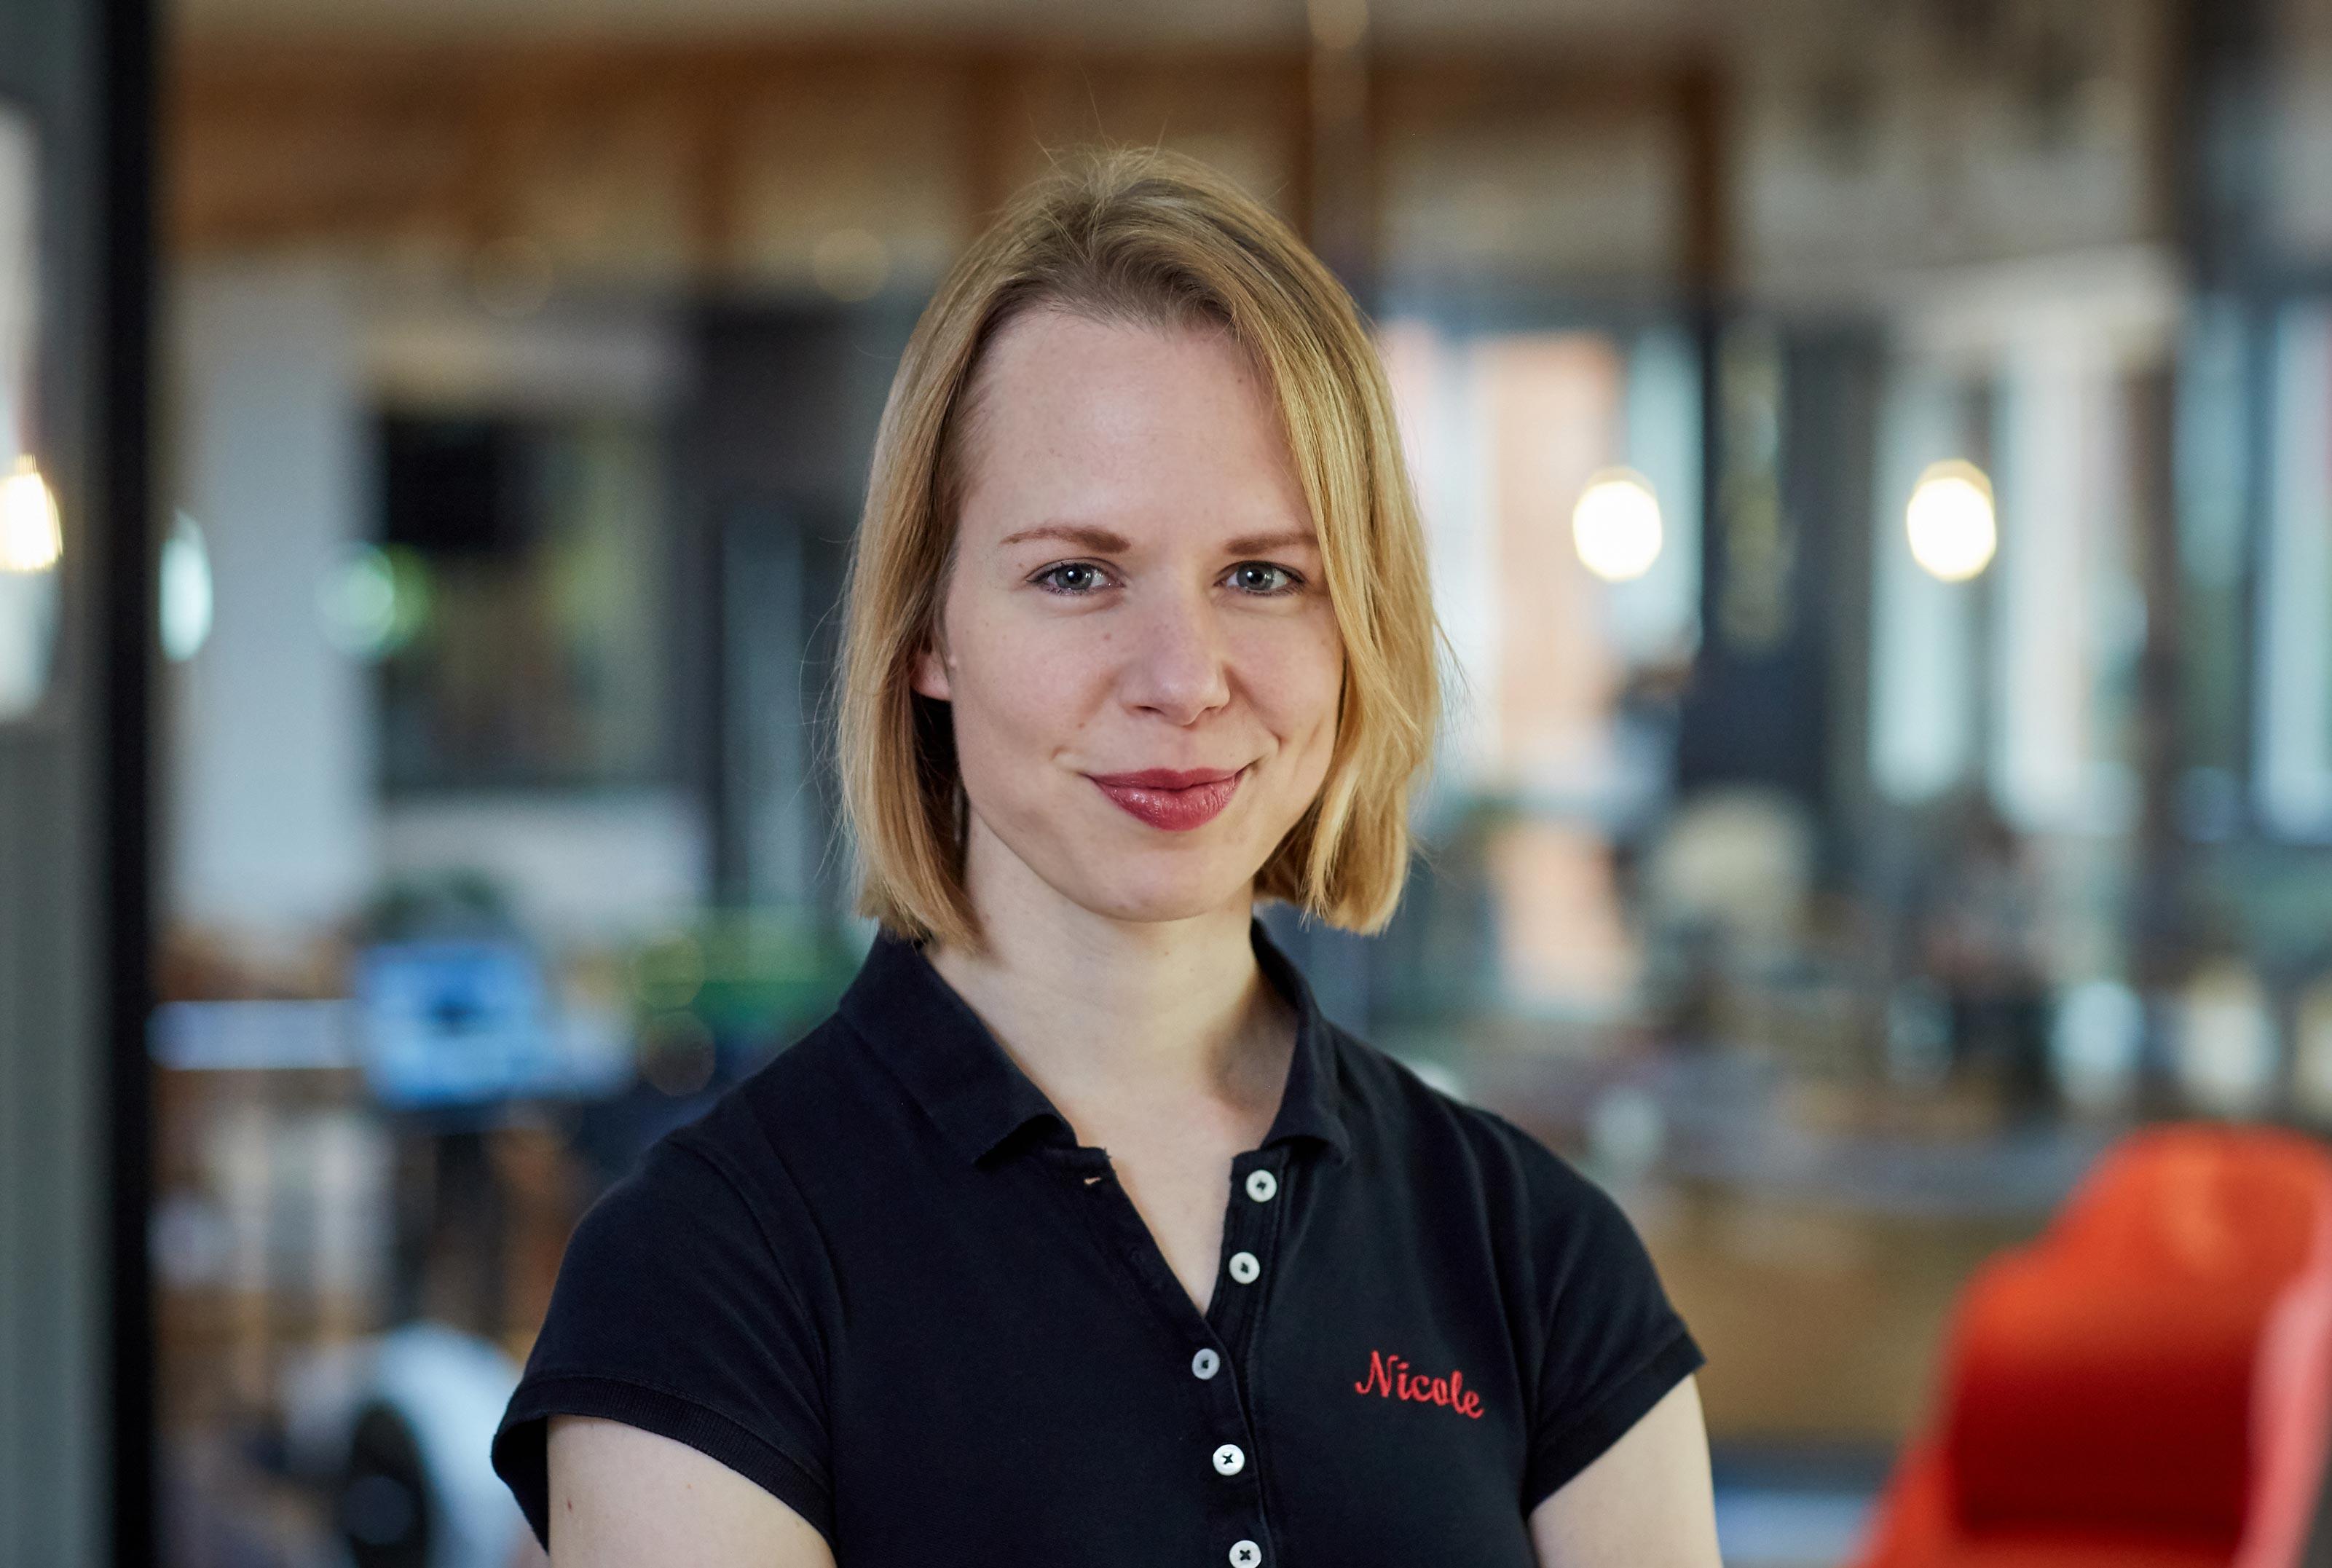 Nicole Brünninghoff